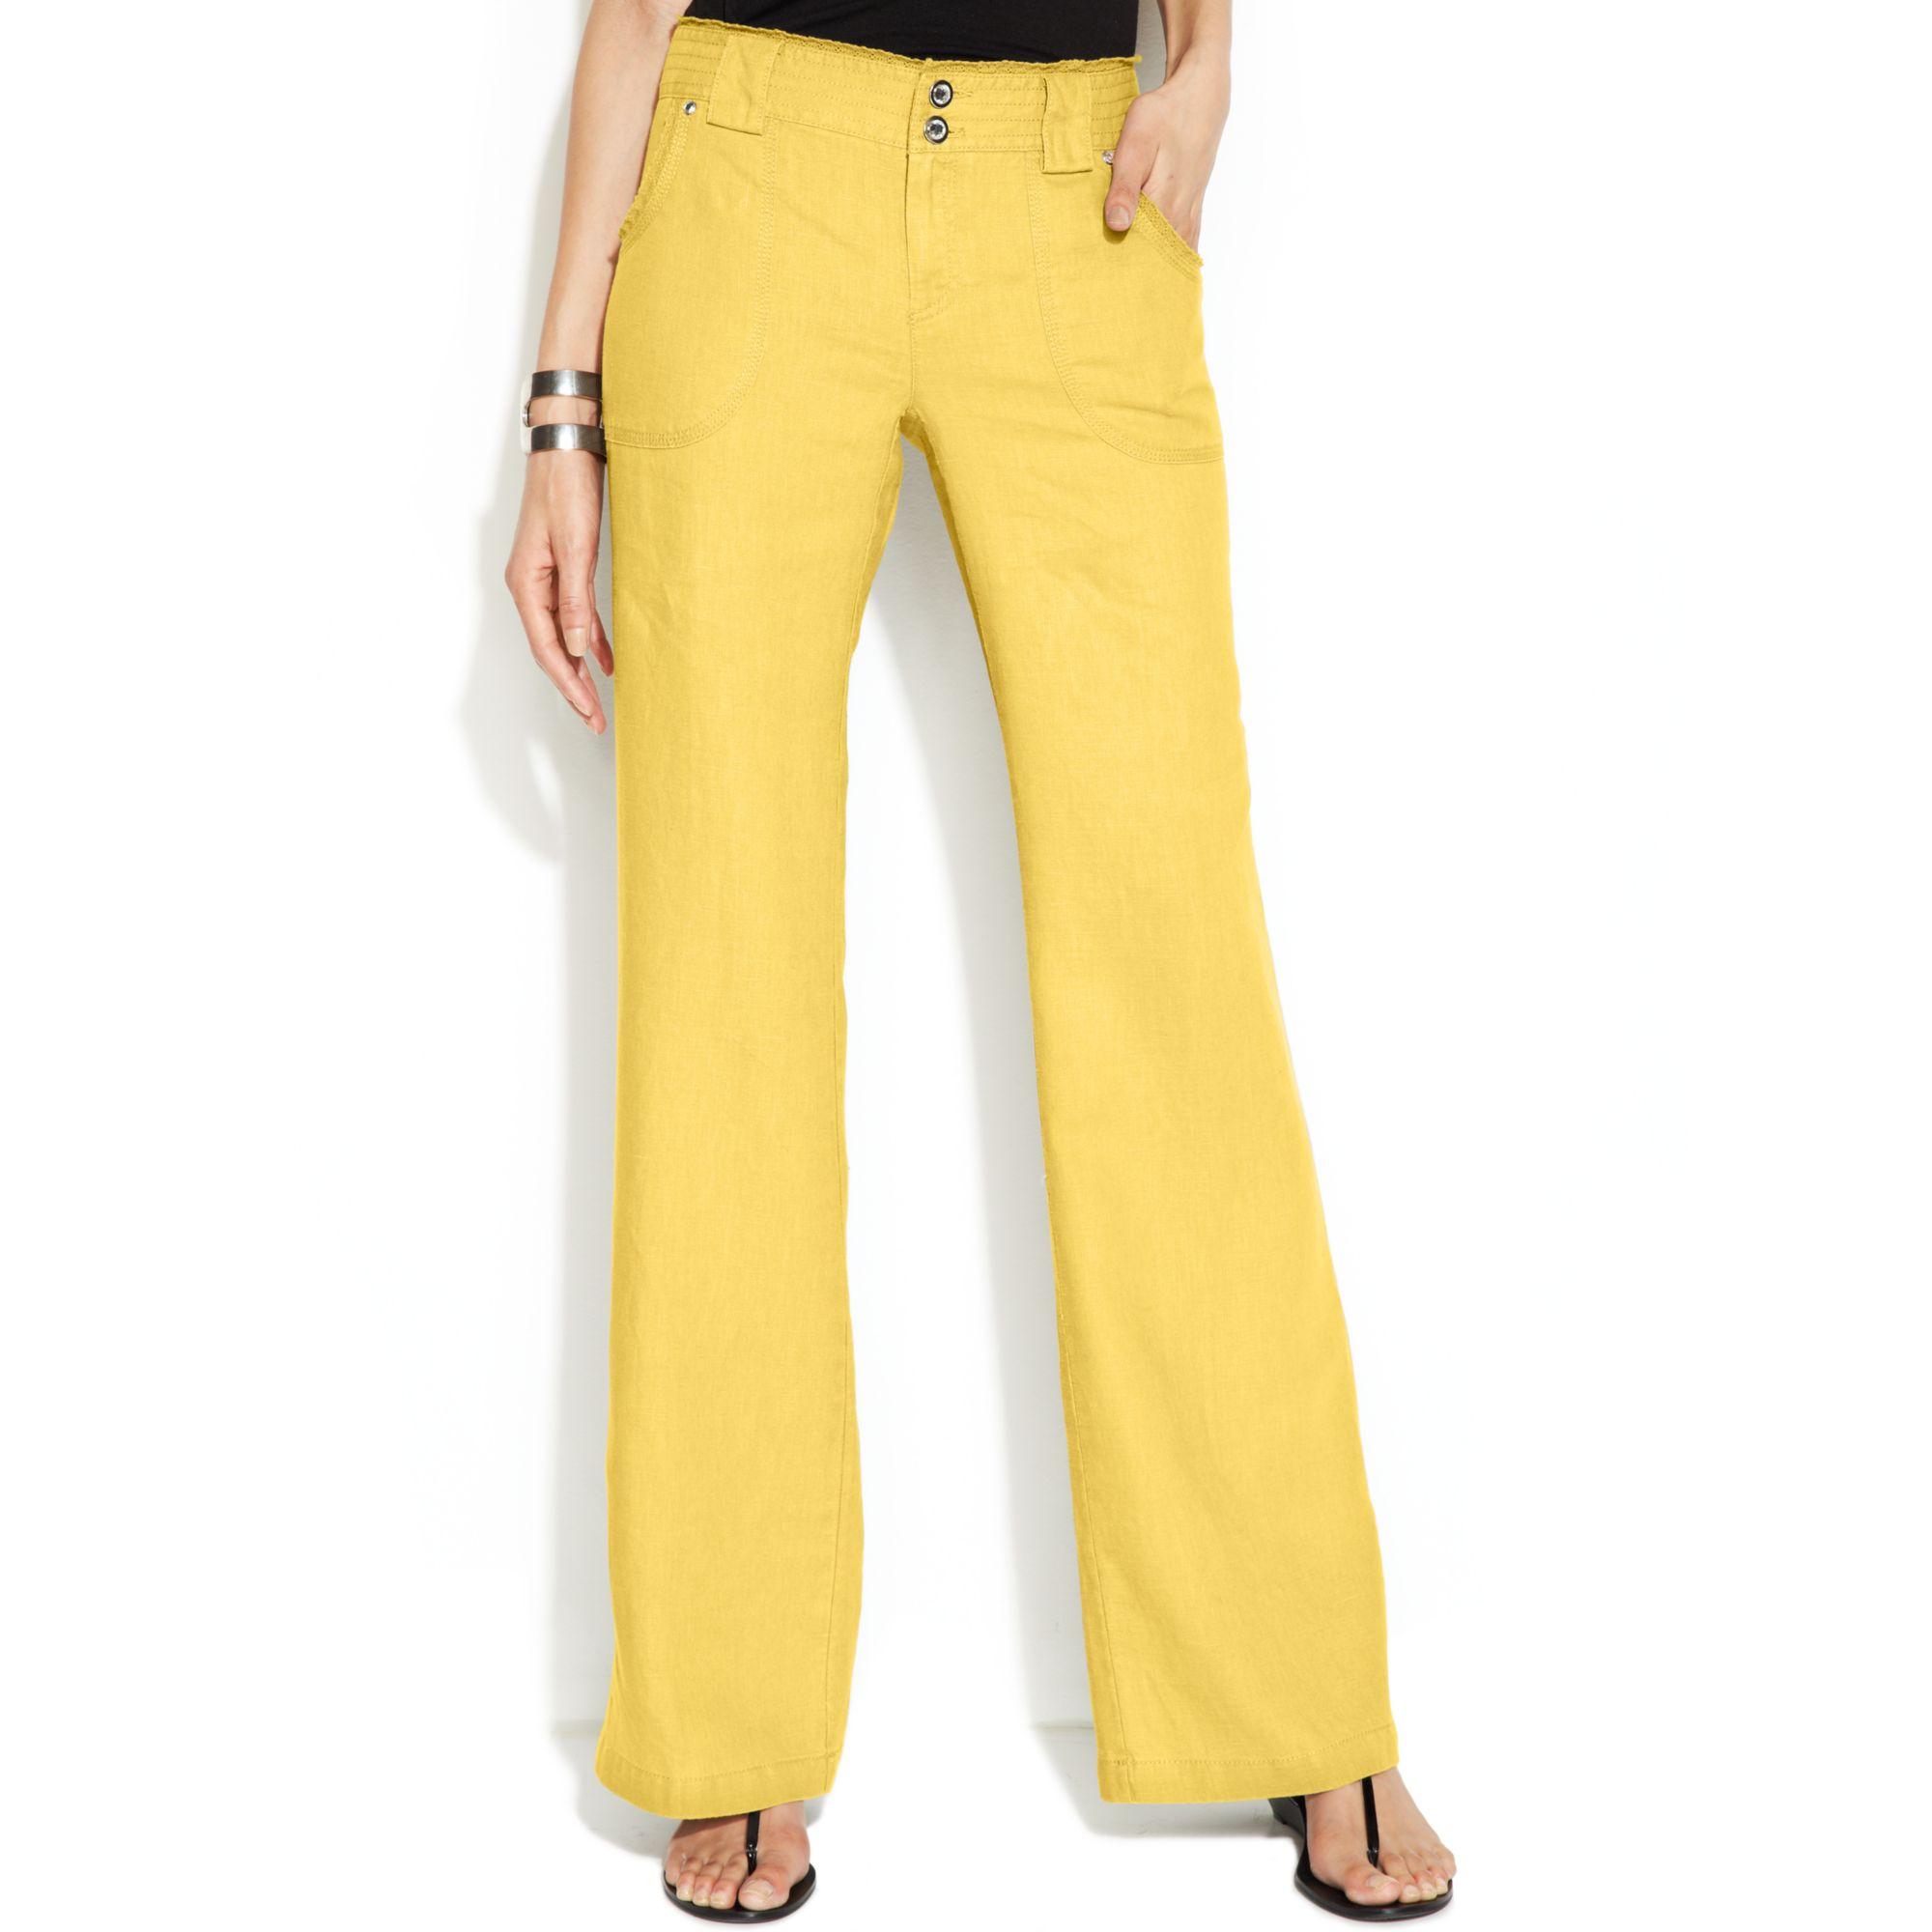 Inc international concepts Curvy Fit Lace Trim Wide Leg Linen ...